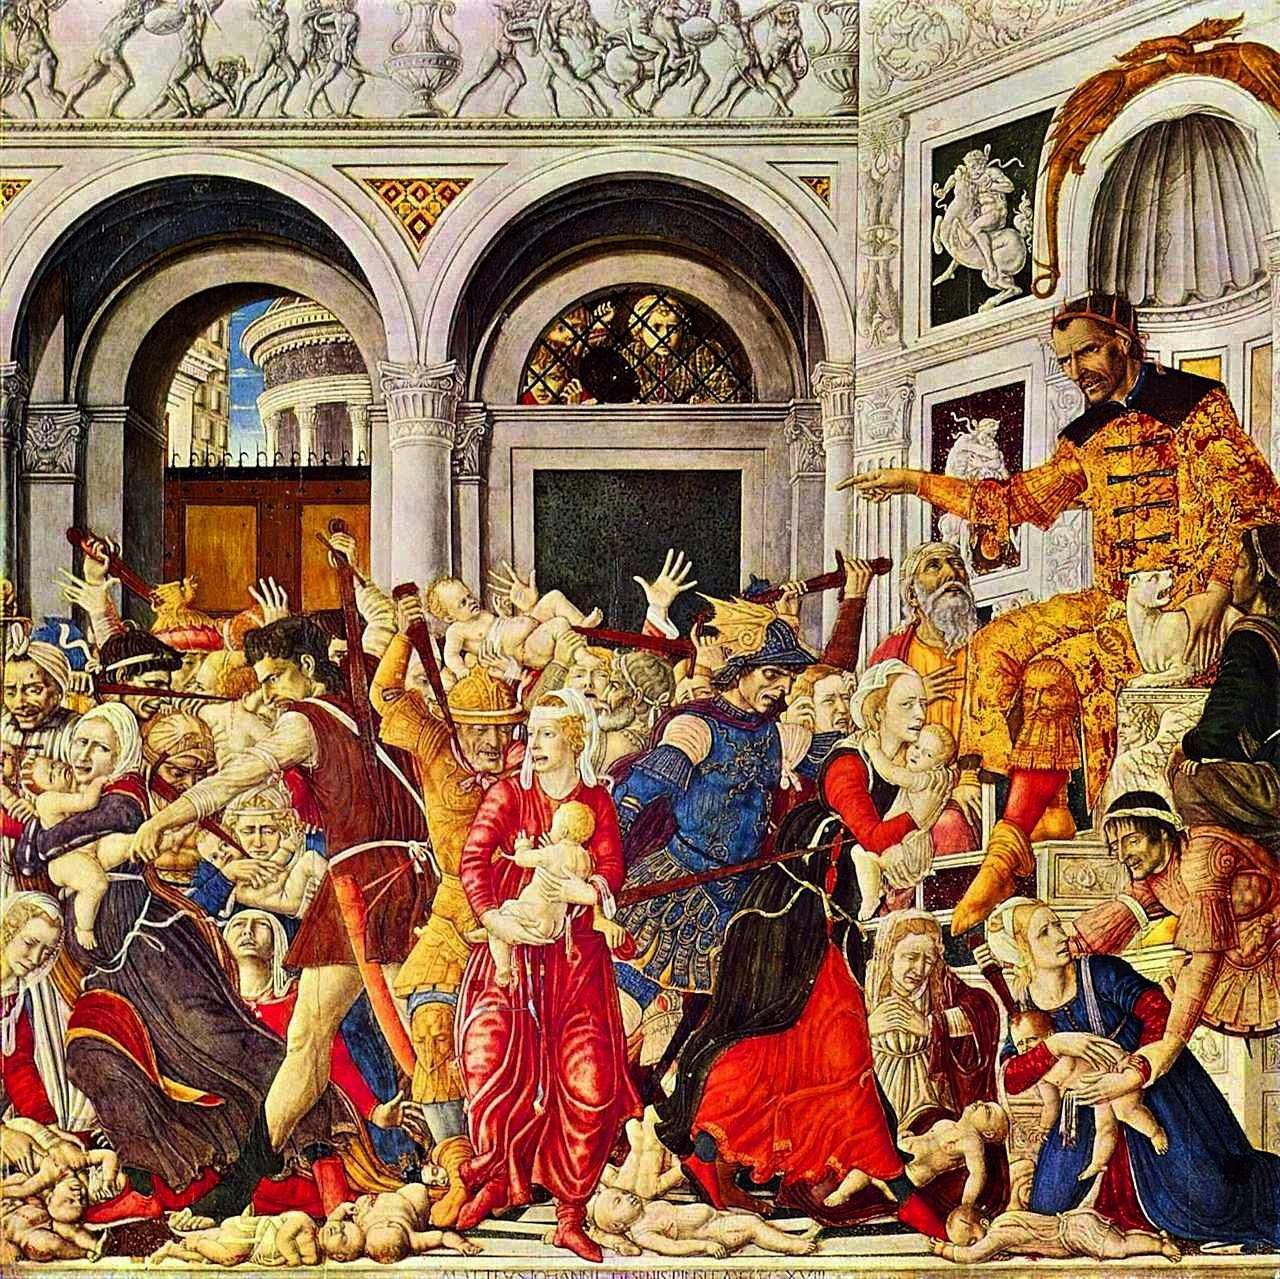 Herodes ordena o massacre dos Santos Inocentes. Matteo di Giovanni, Galleria Nazionale di Capodimonte.